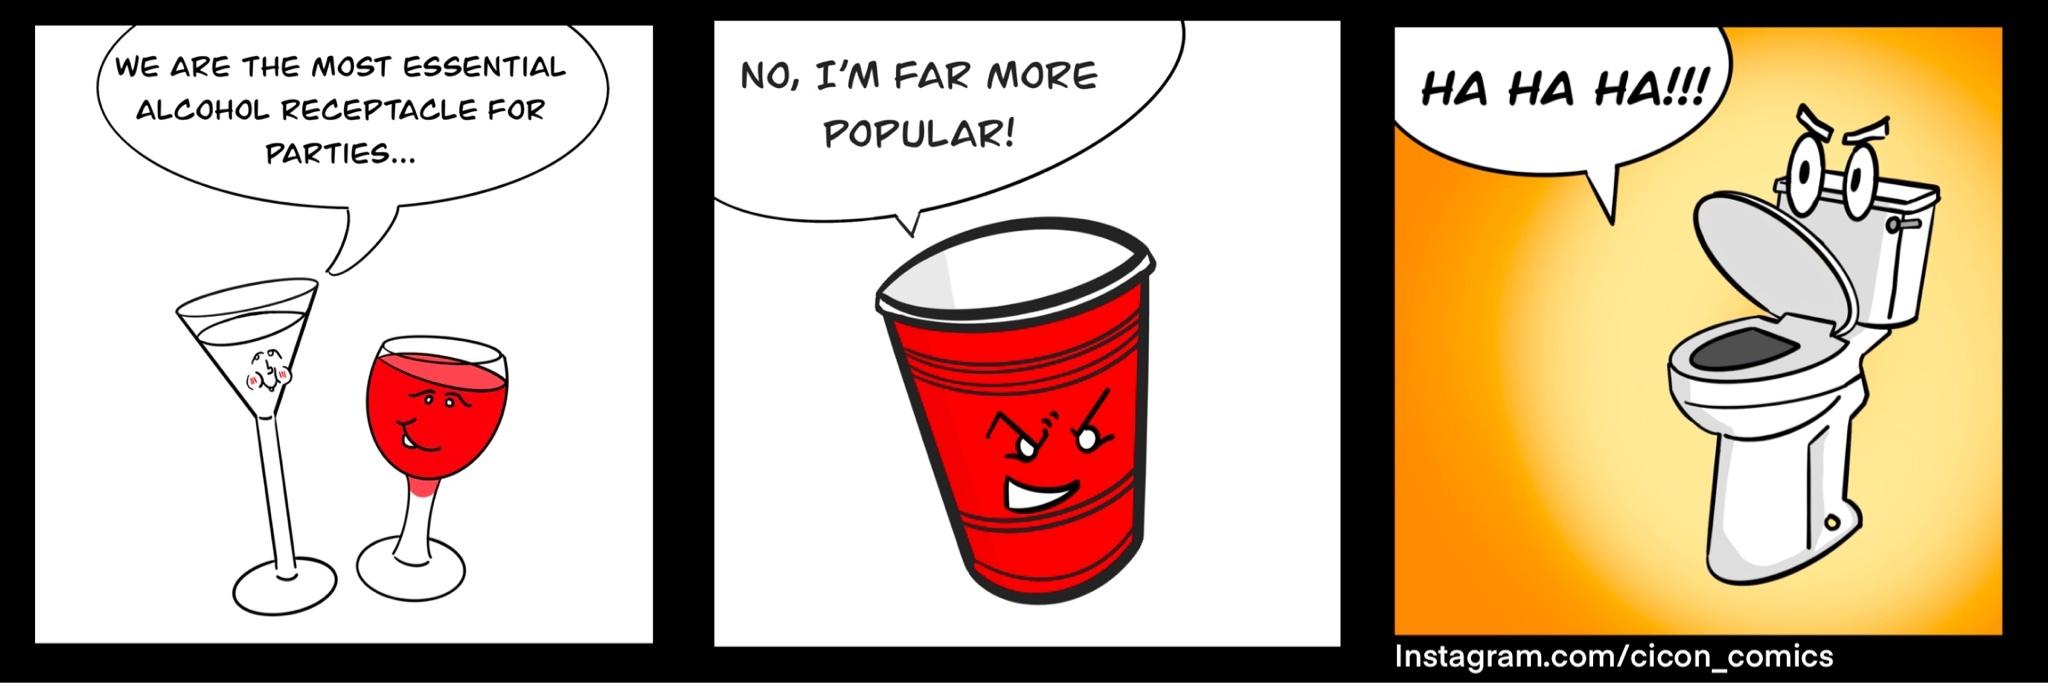 drinking is fun? - meme